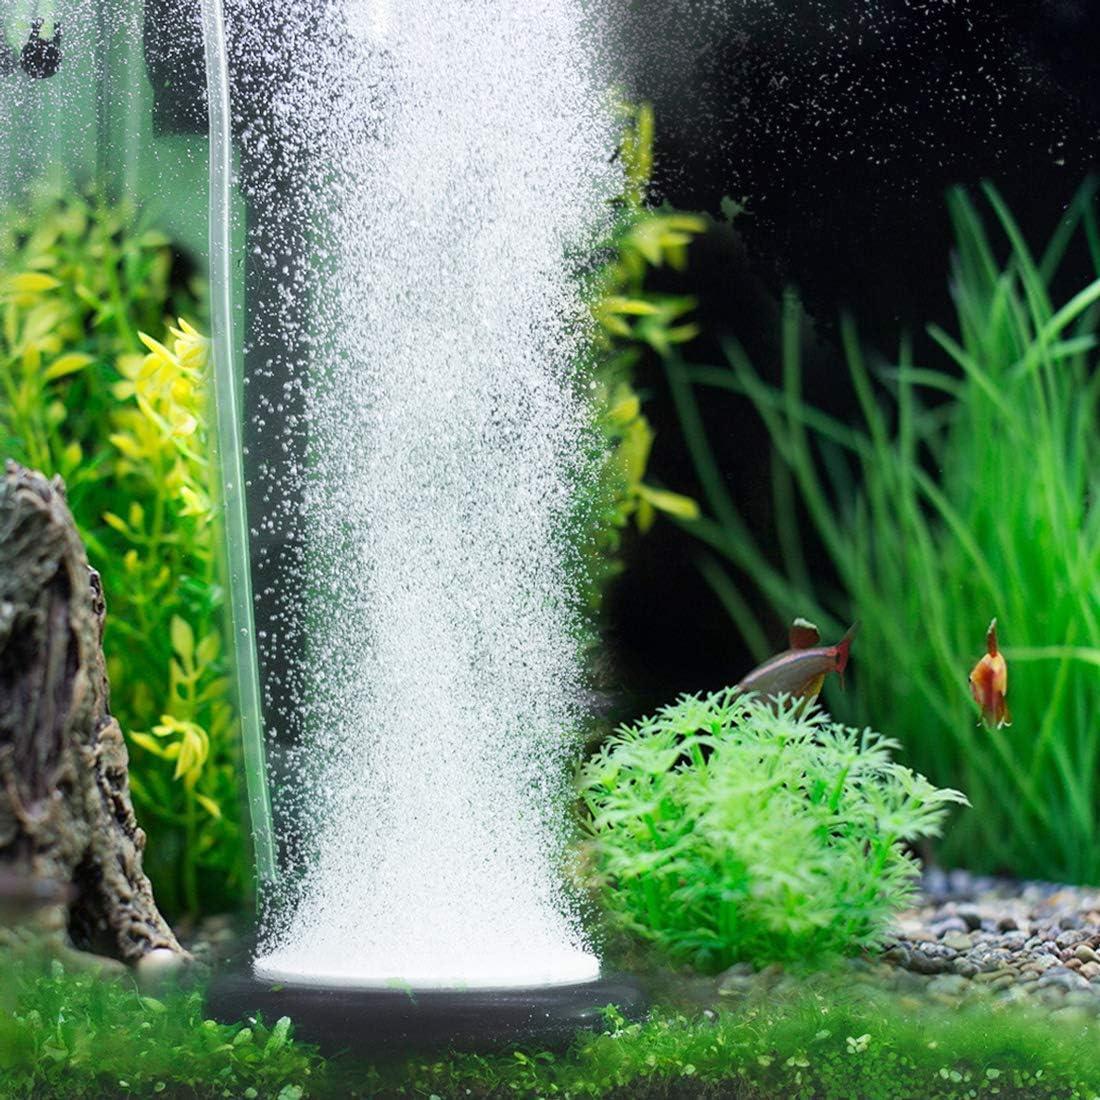 Hygger Acuario Aire Piedra, Burbujeador para Tanque de Peces